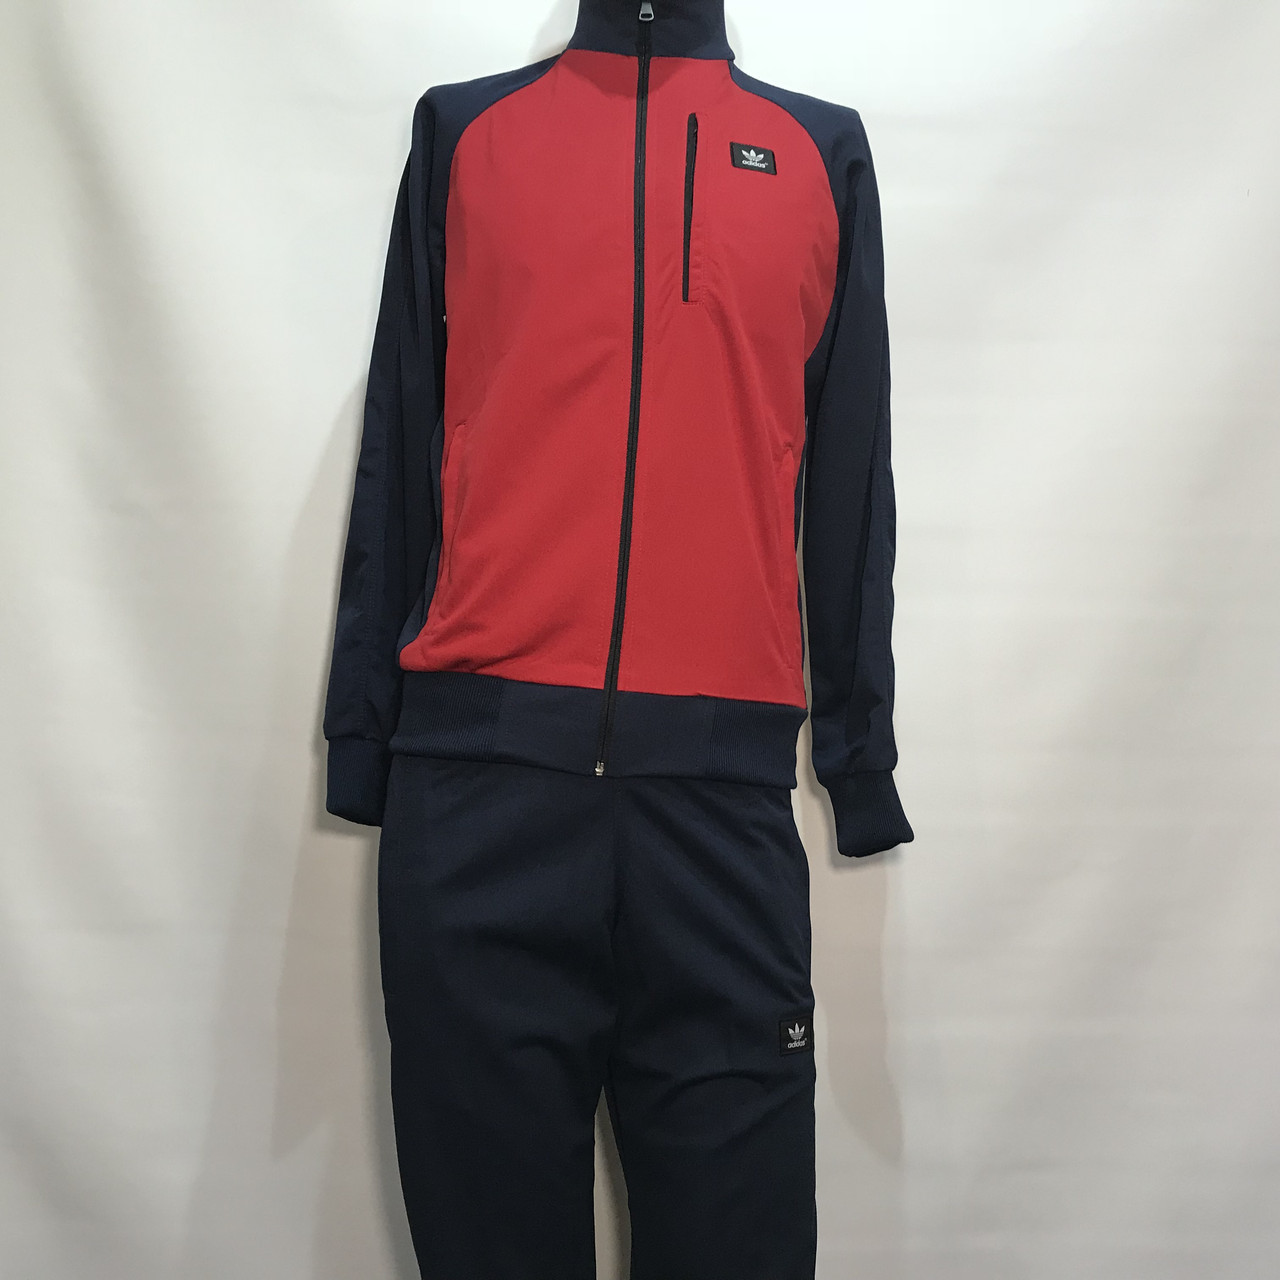 Мужской спортивный костюм Adidas / трикотажный